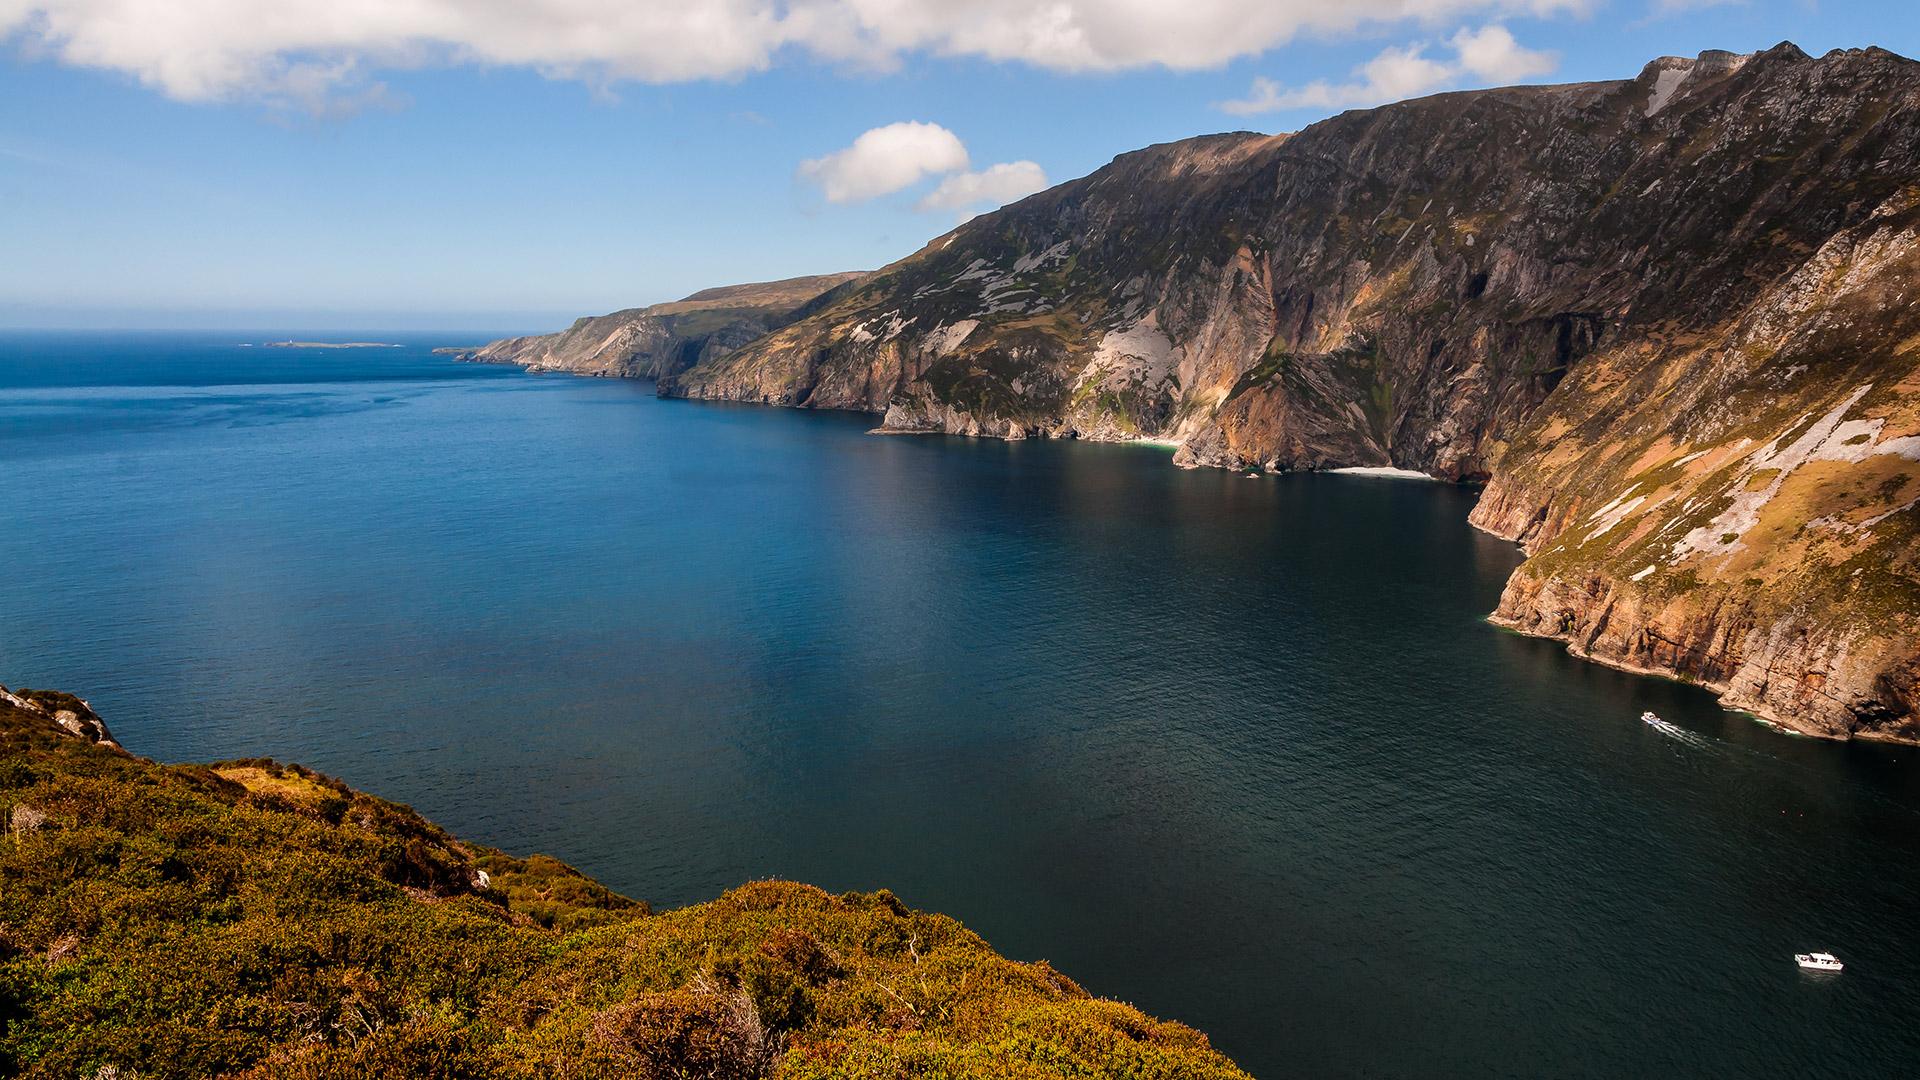 Una Perla della Contea di Donegal: Slieve League Cliff